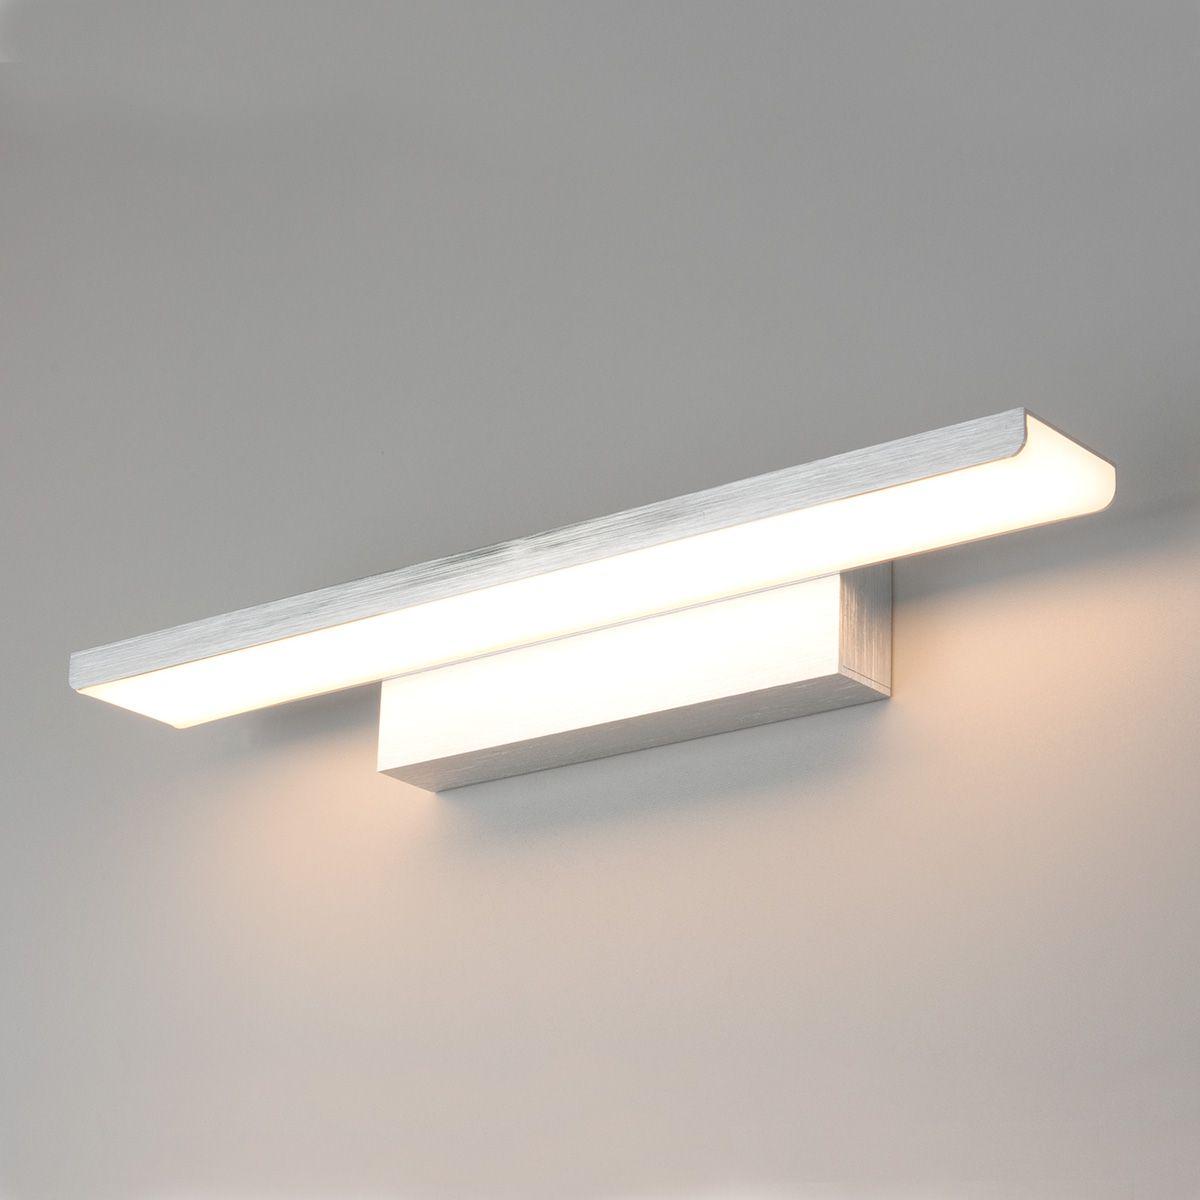 Настенный светодиодный светильник Sankara LED MRL LED 16W 1009 IP20 серебристый